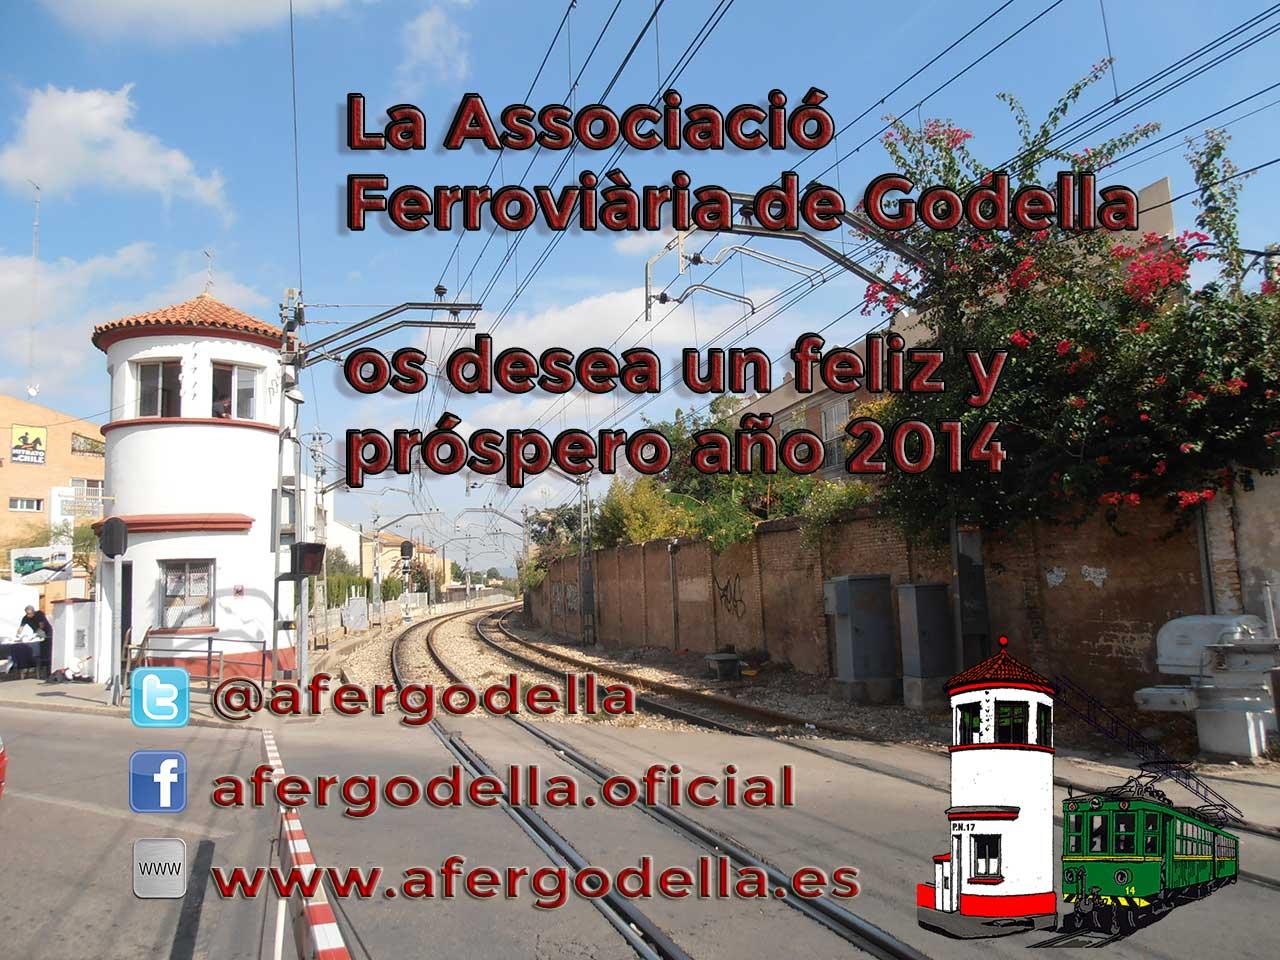 afergodella2014